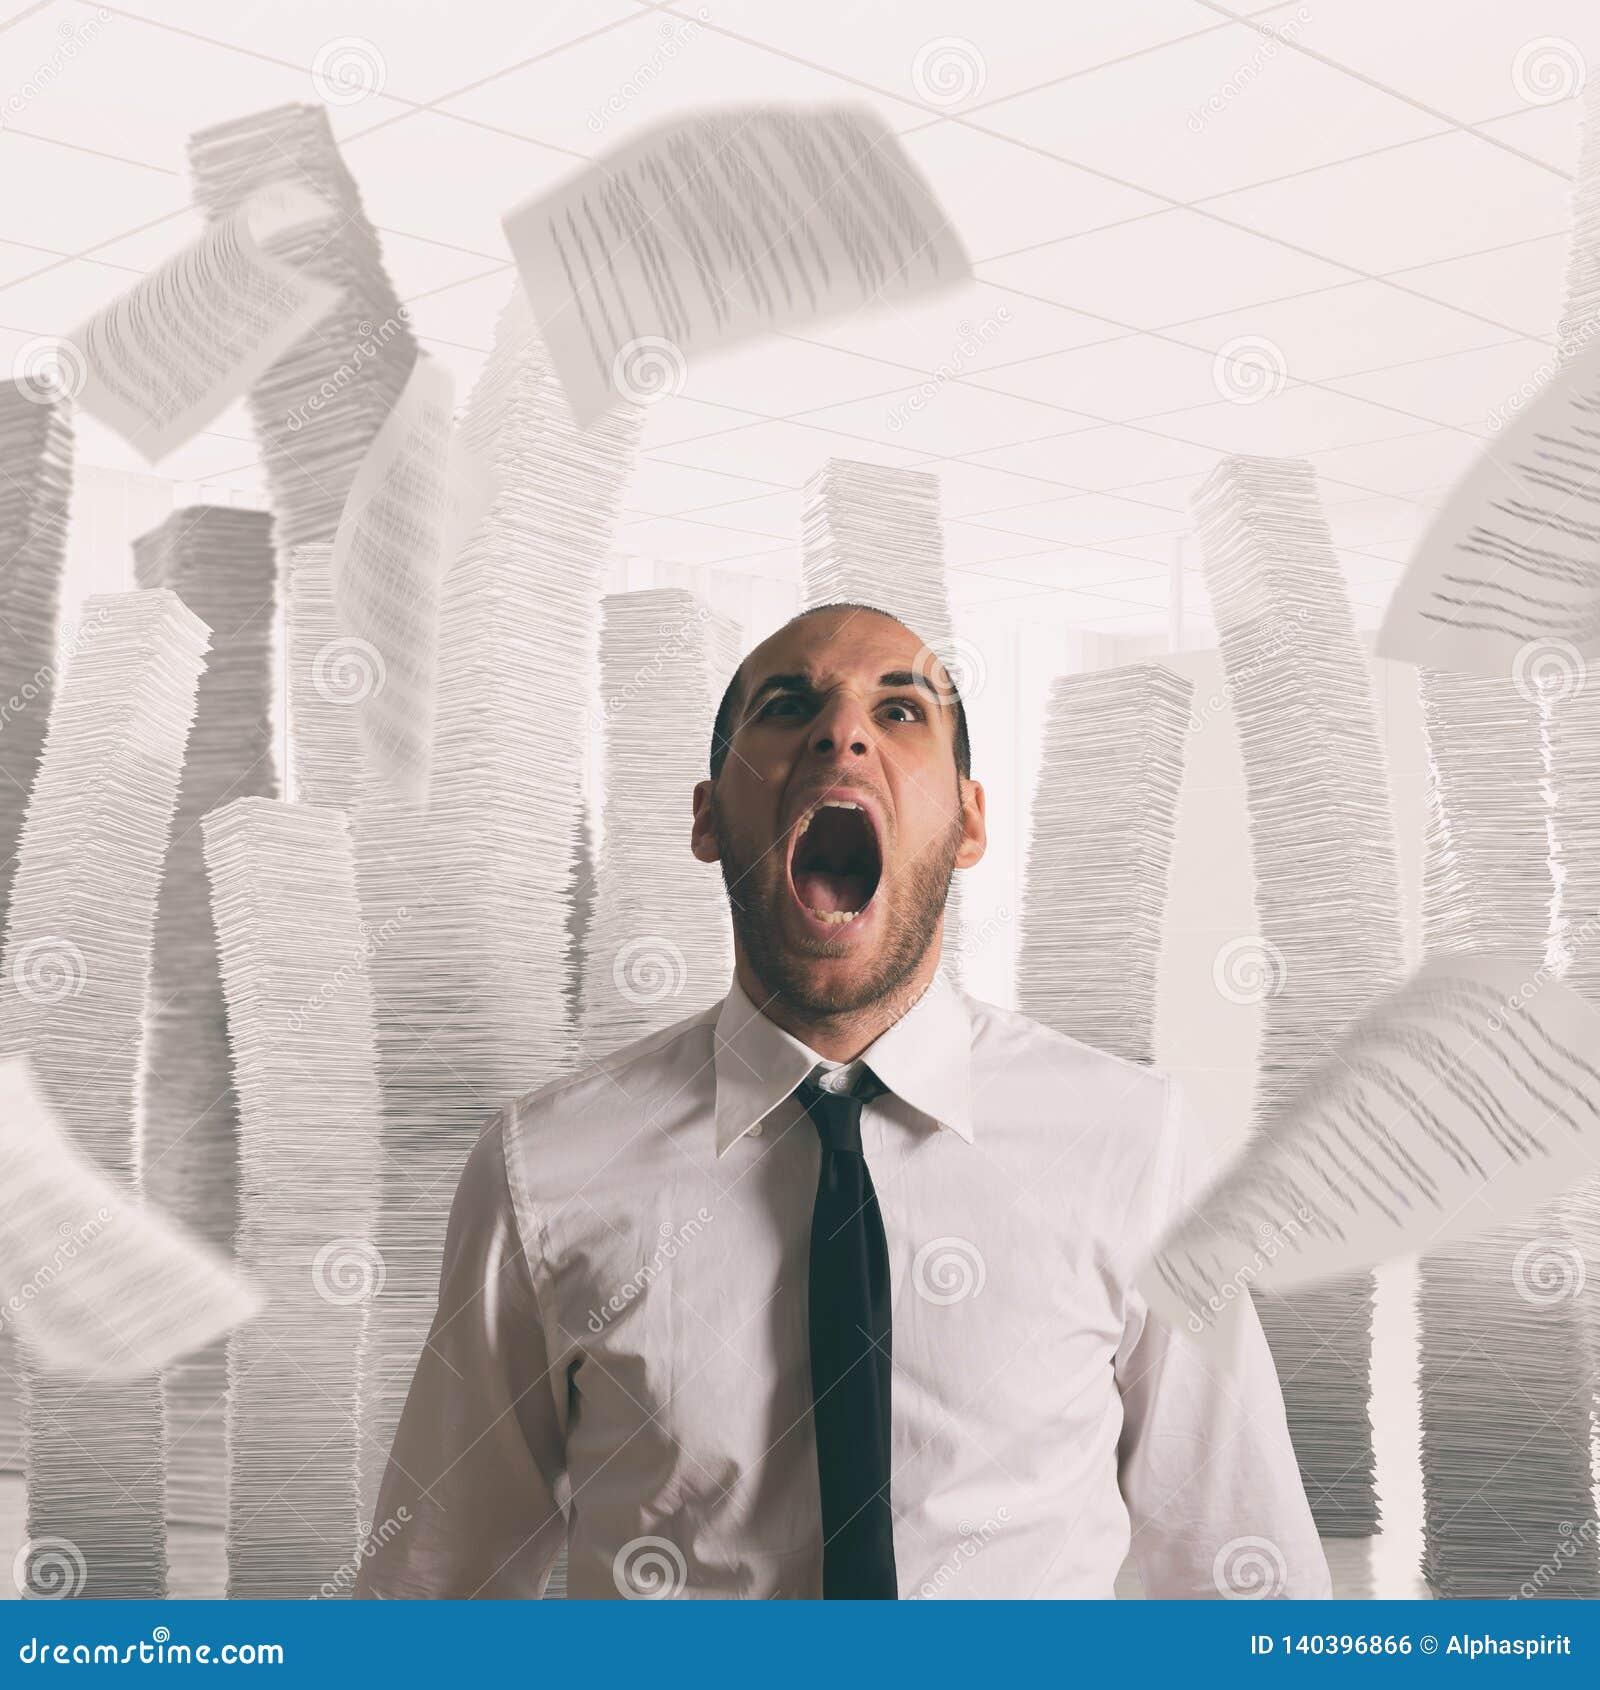 Επιχειρηματίας που τονίζονται και καταπονημένη κραυγή στην αρχή με τα πετώντας φύλλα εγγράφου